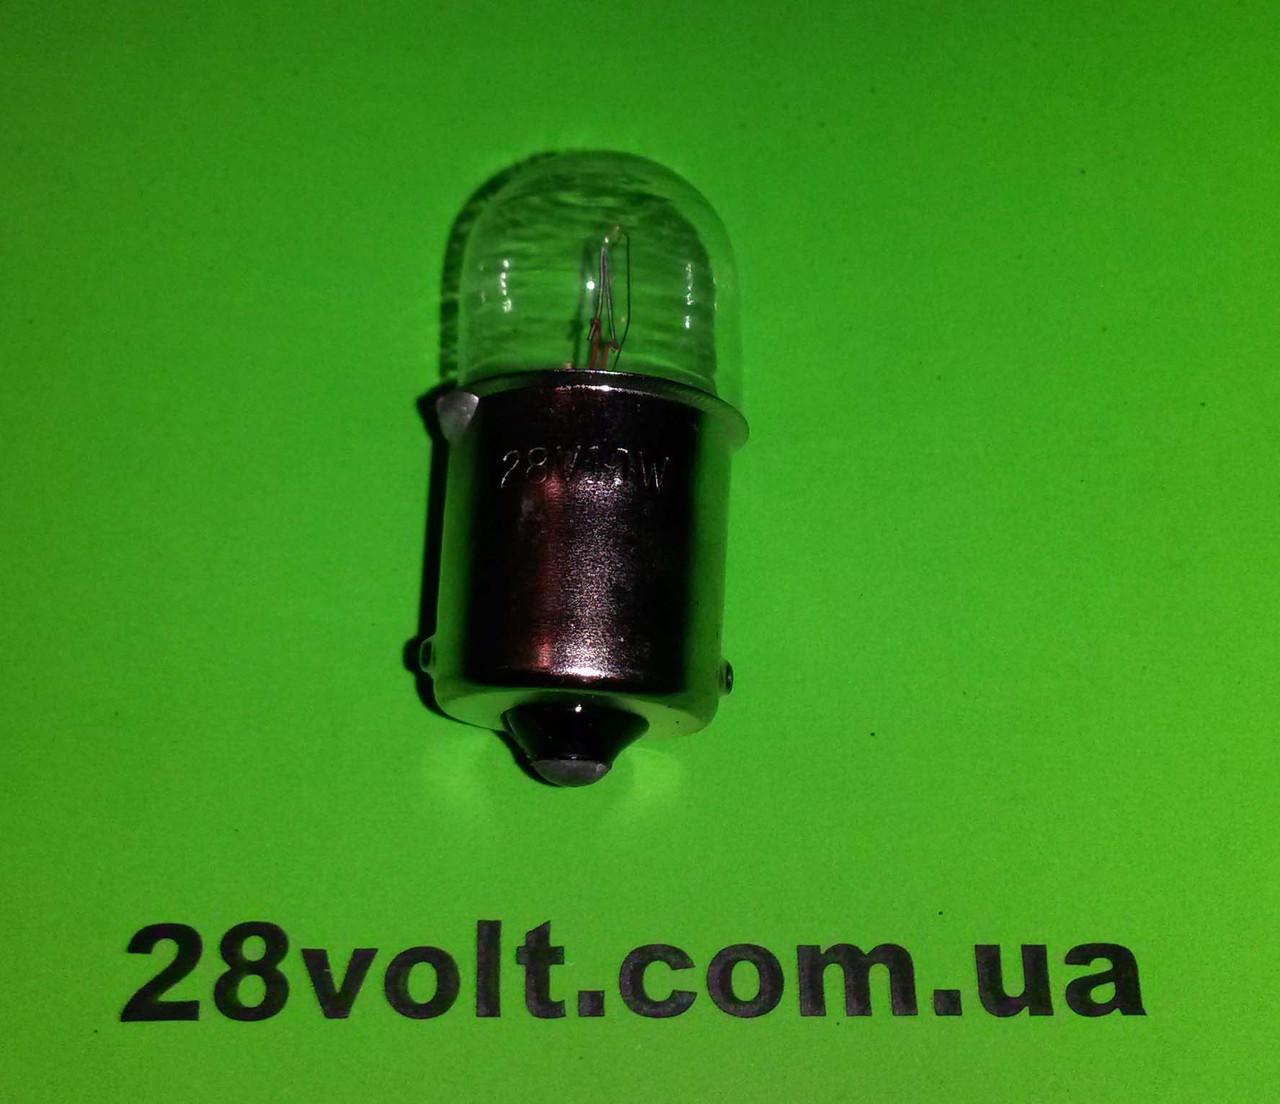 Лампа ТН 28-5 (транспортная ТН 28*5)